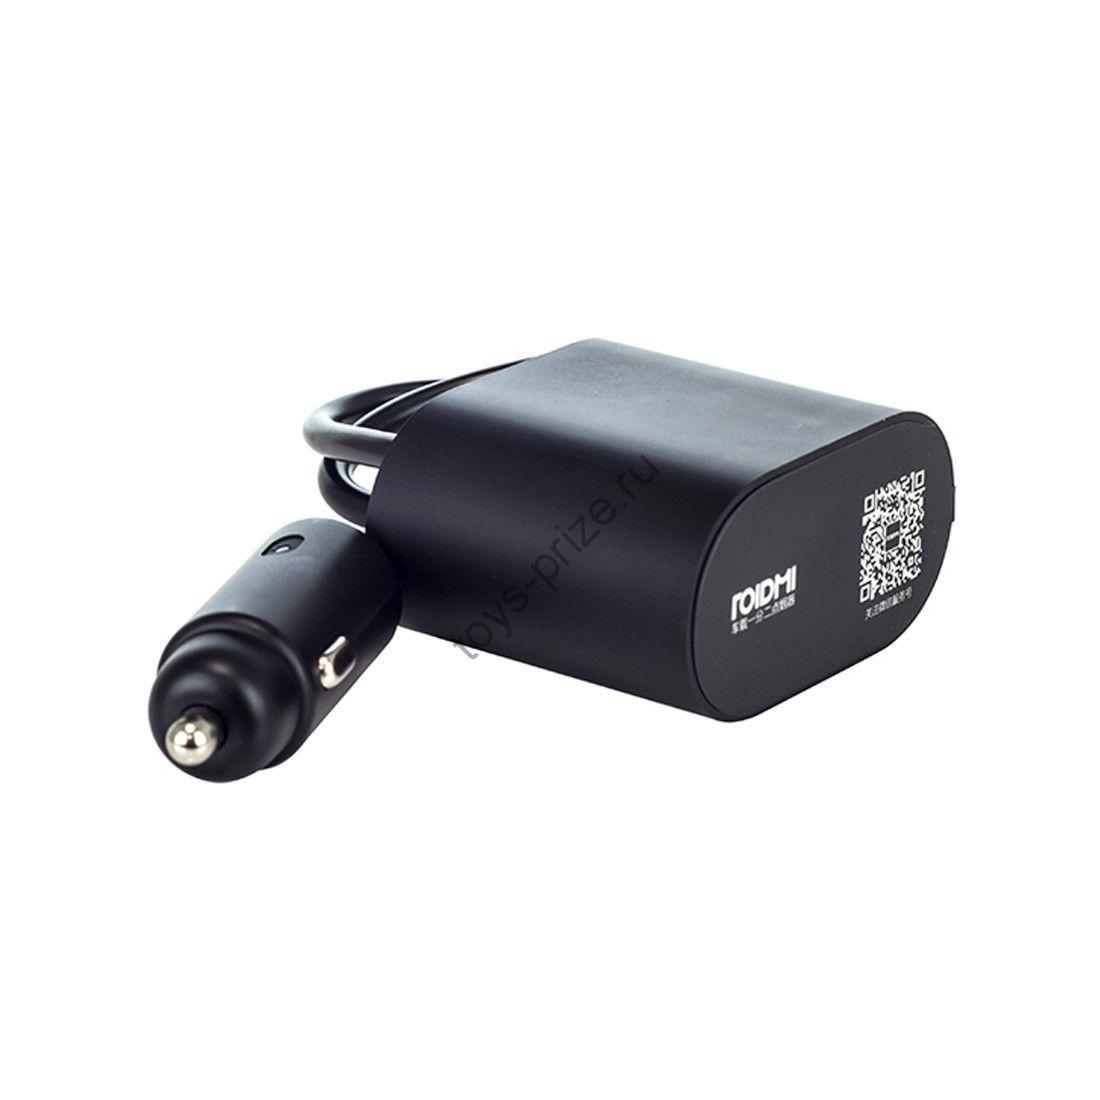 Автомобильный разветвитель Roidmi Dual Port Converter